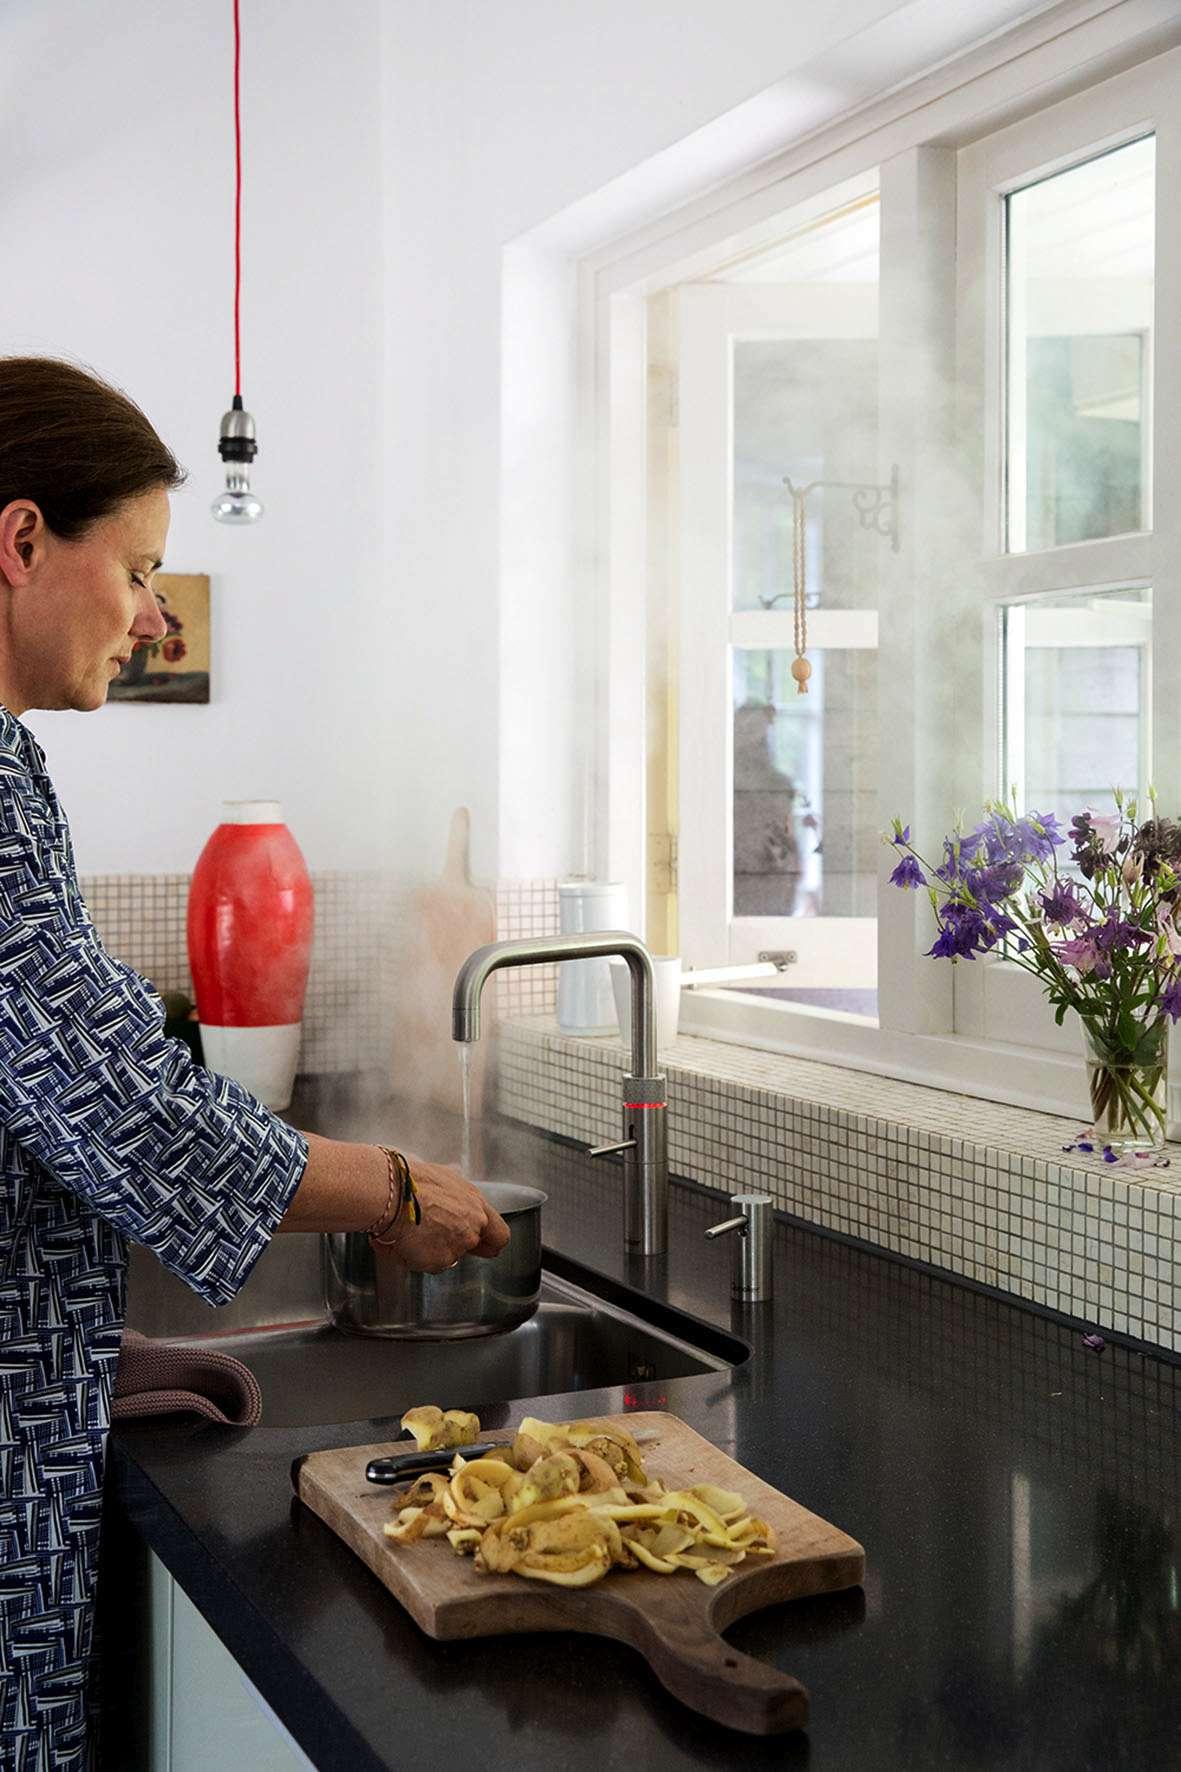 Mit einem Kochend-Wasserhahn können Verbraucher viel Zeit und Energie sparen. Foto: djd/Quooker